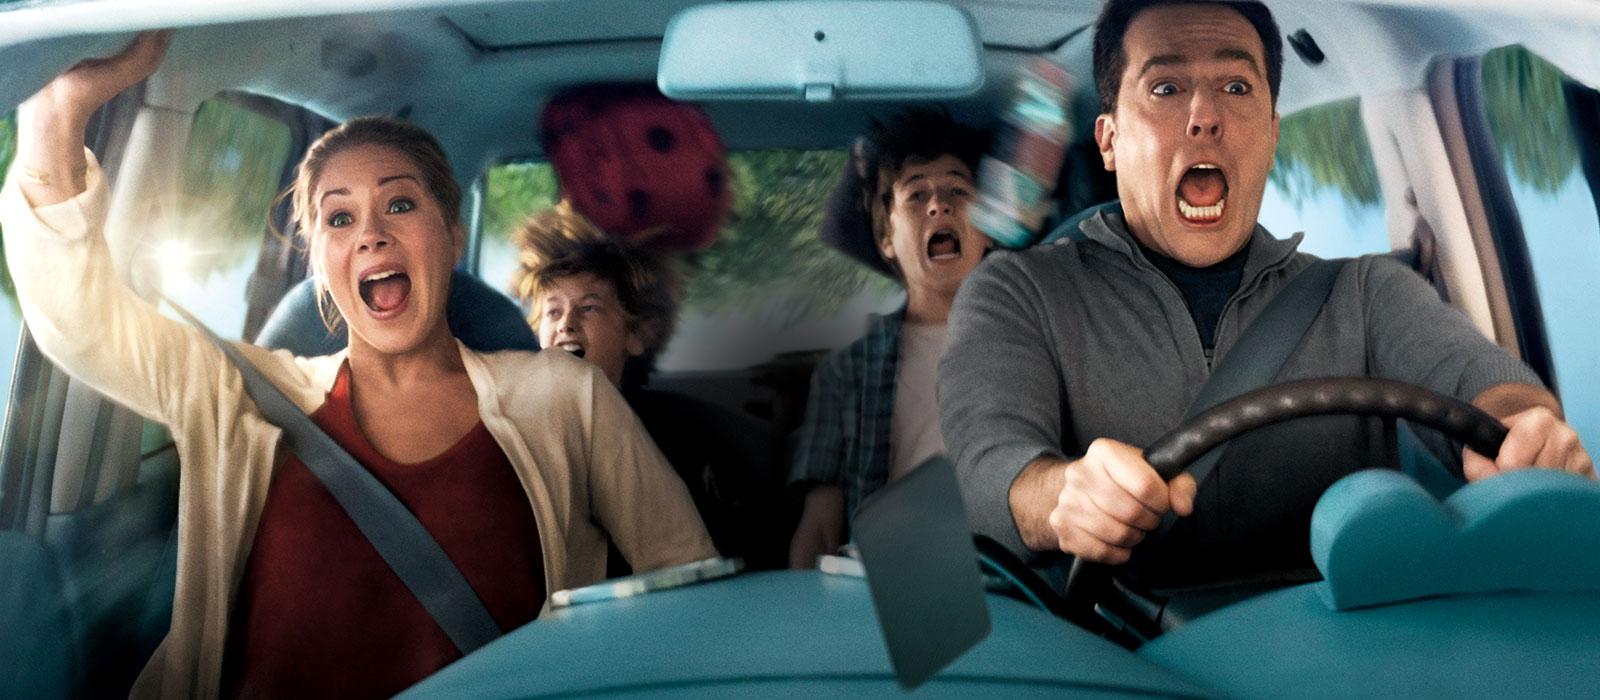 Resultado de imagen para vacation movie 2015